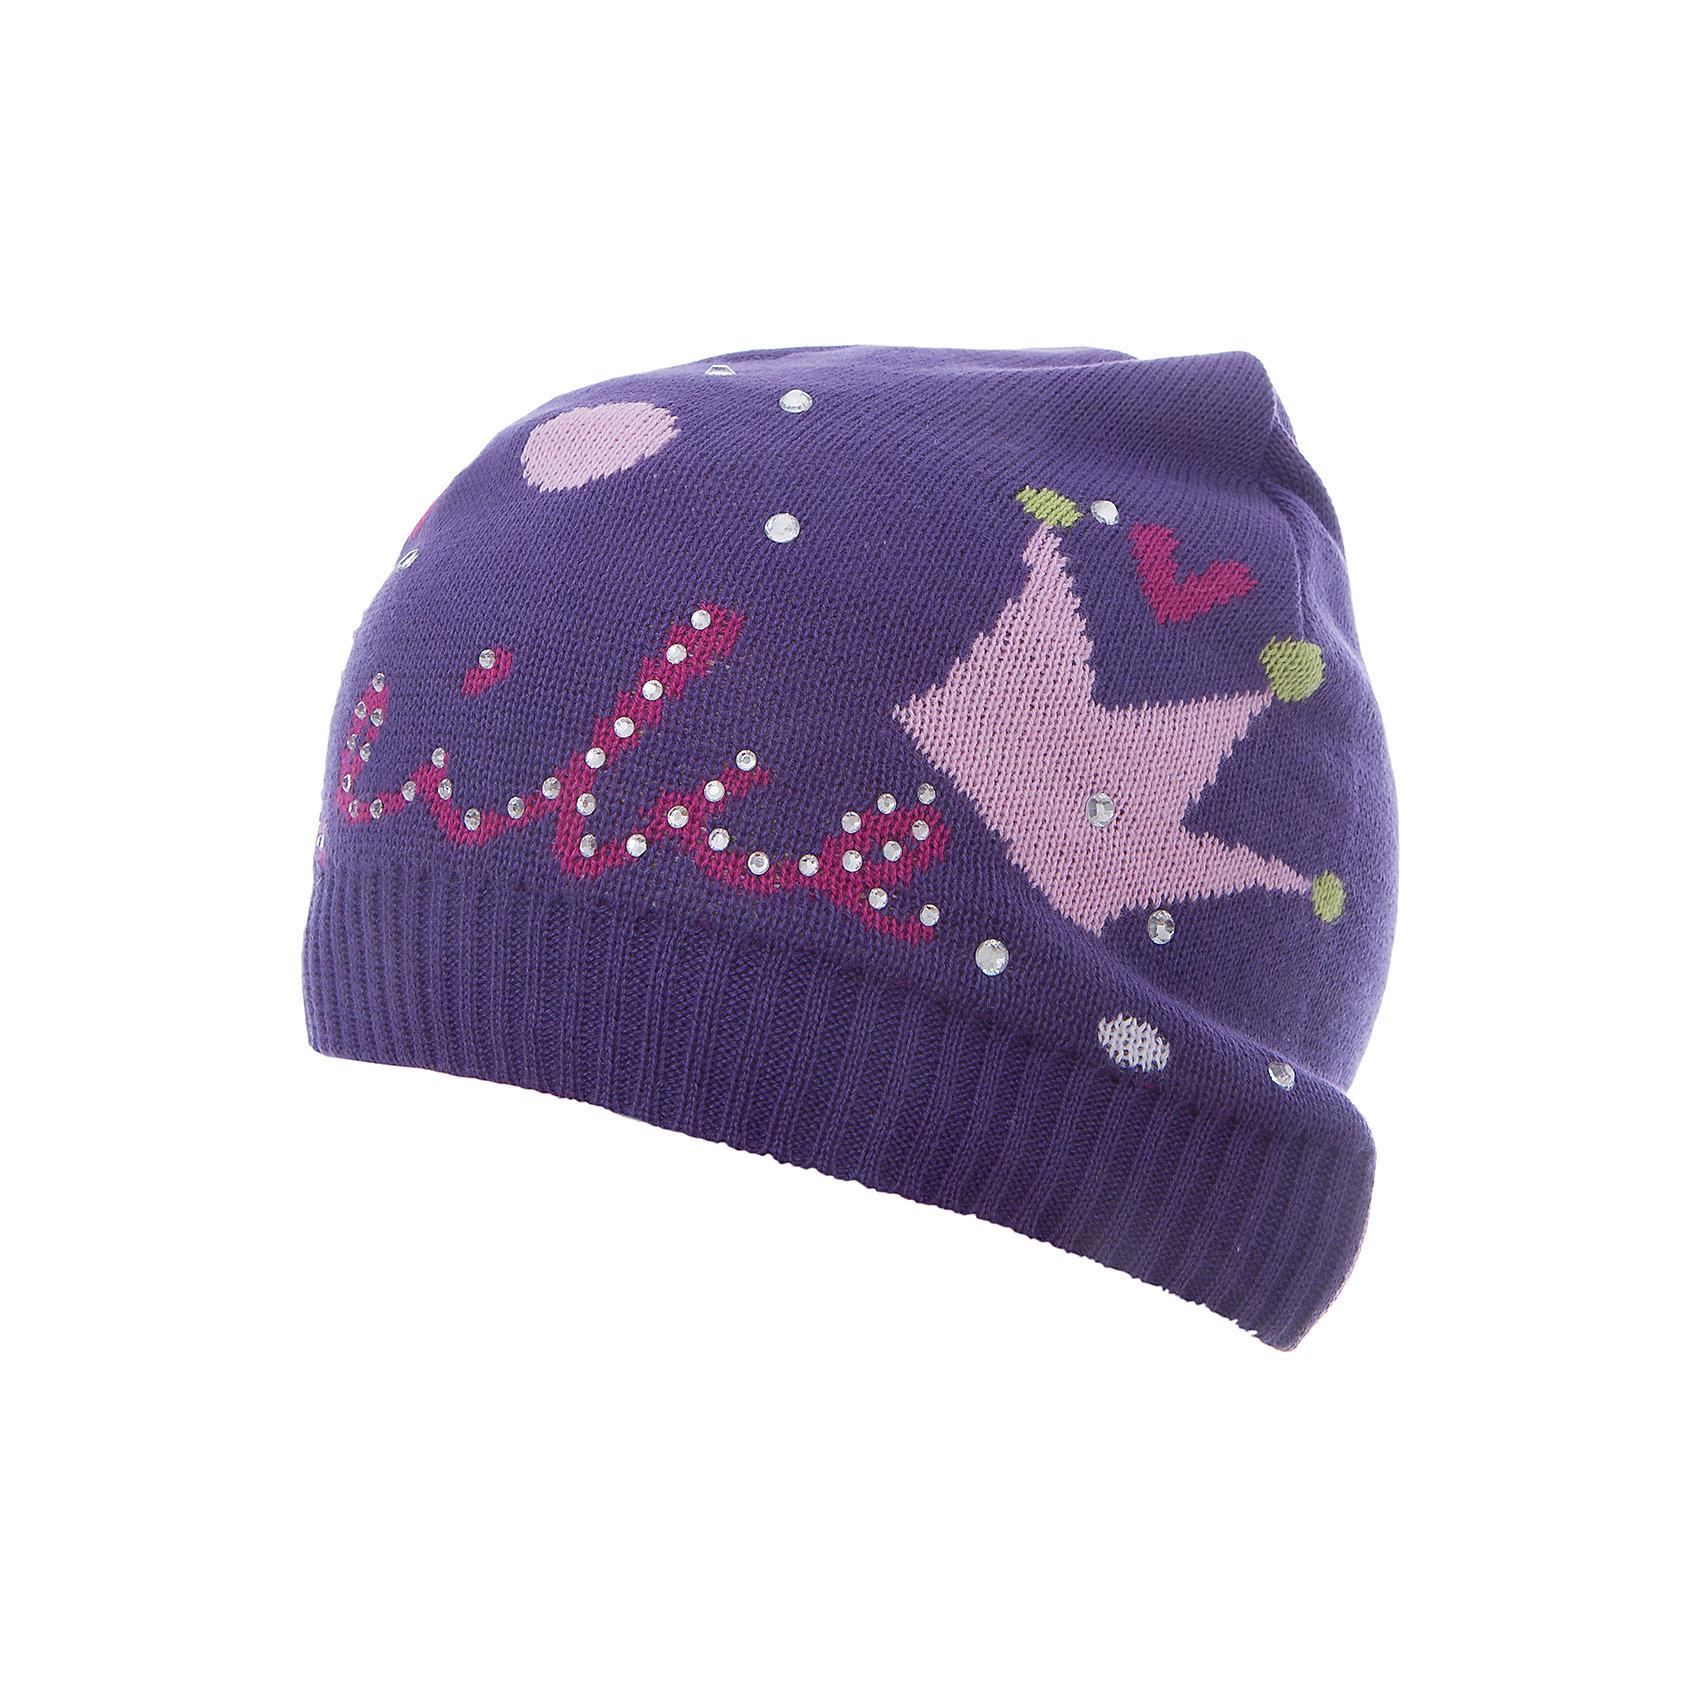 Шапка Reike для девочкиШапки и шарфы<br>Характеристики товара:<br><br>• цвет: фиолетовый<br>• состав: 100% хлопок<br>• температурный режим: от +7С до +15С<br>• декорирована принтом<br>• мягкий материал<br>• страна бренда: Финляндия<br><br>Новая коллекция от известного финского производителя Reike отличается ярким дизайном, продуманностью и комфортом! Эта модель разработана специально для детей - она учитывает особенности их физиологии, а также новые тенденции в европейской моде. Она отлично сочетается с обувью разных цветов и фасонов. Стильная и удобная вещь! <br><br>Шапку для девочки от популярного бренда Reike можно купить в нашем интернет-магазине.<br><br>Ширина мм: 89<br>Глубина мм: 117<br>Высота мм: 44<br>Вес г: 155<br>Цвет: фиолетовый<br>Возраст от месяцев: 72<br>Возраст до месяцев: 84<br>Пол: Женский<br>Возраст: Детский<br>Размер: 54,50,52<br>SKU: 5430108